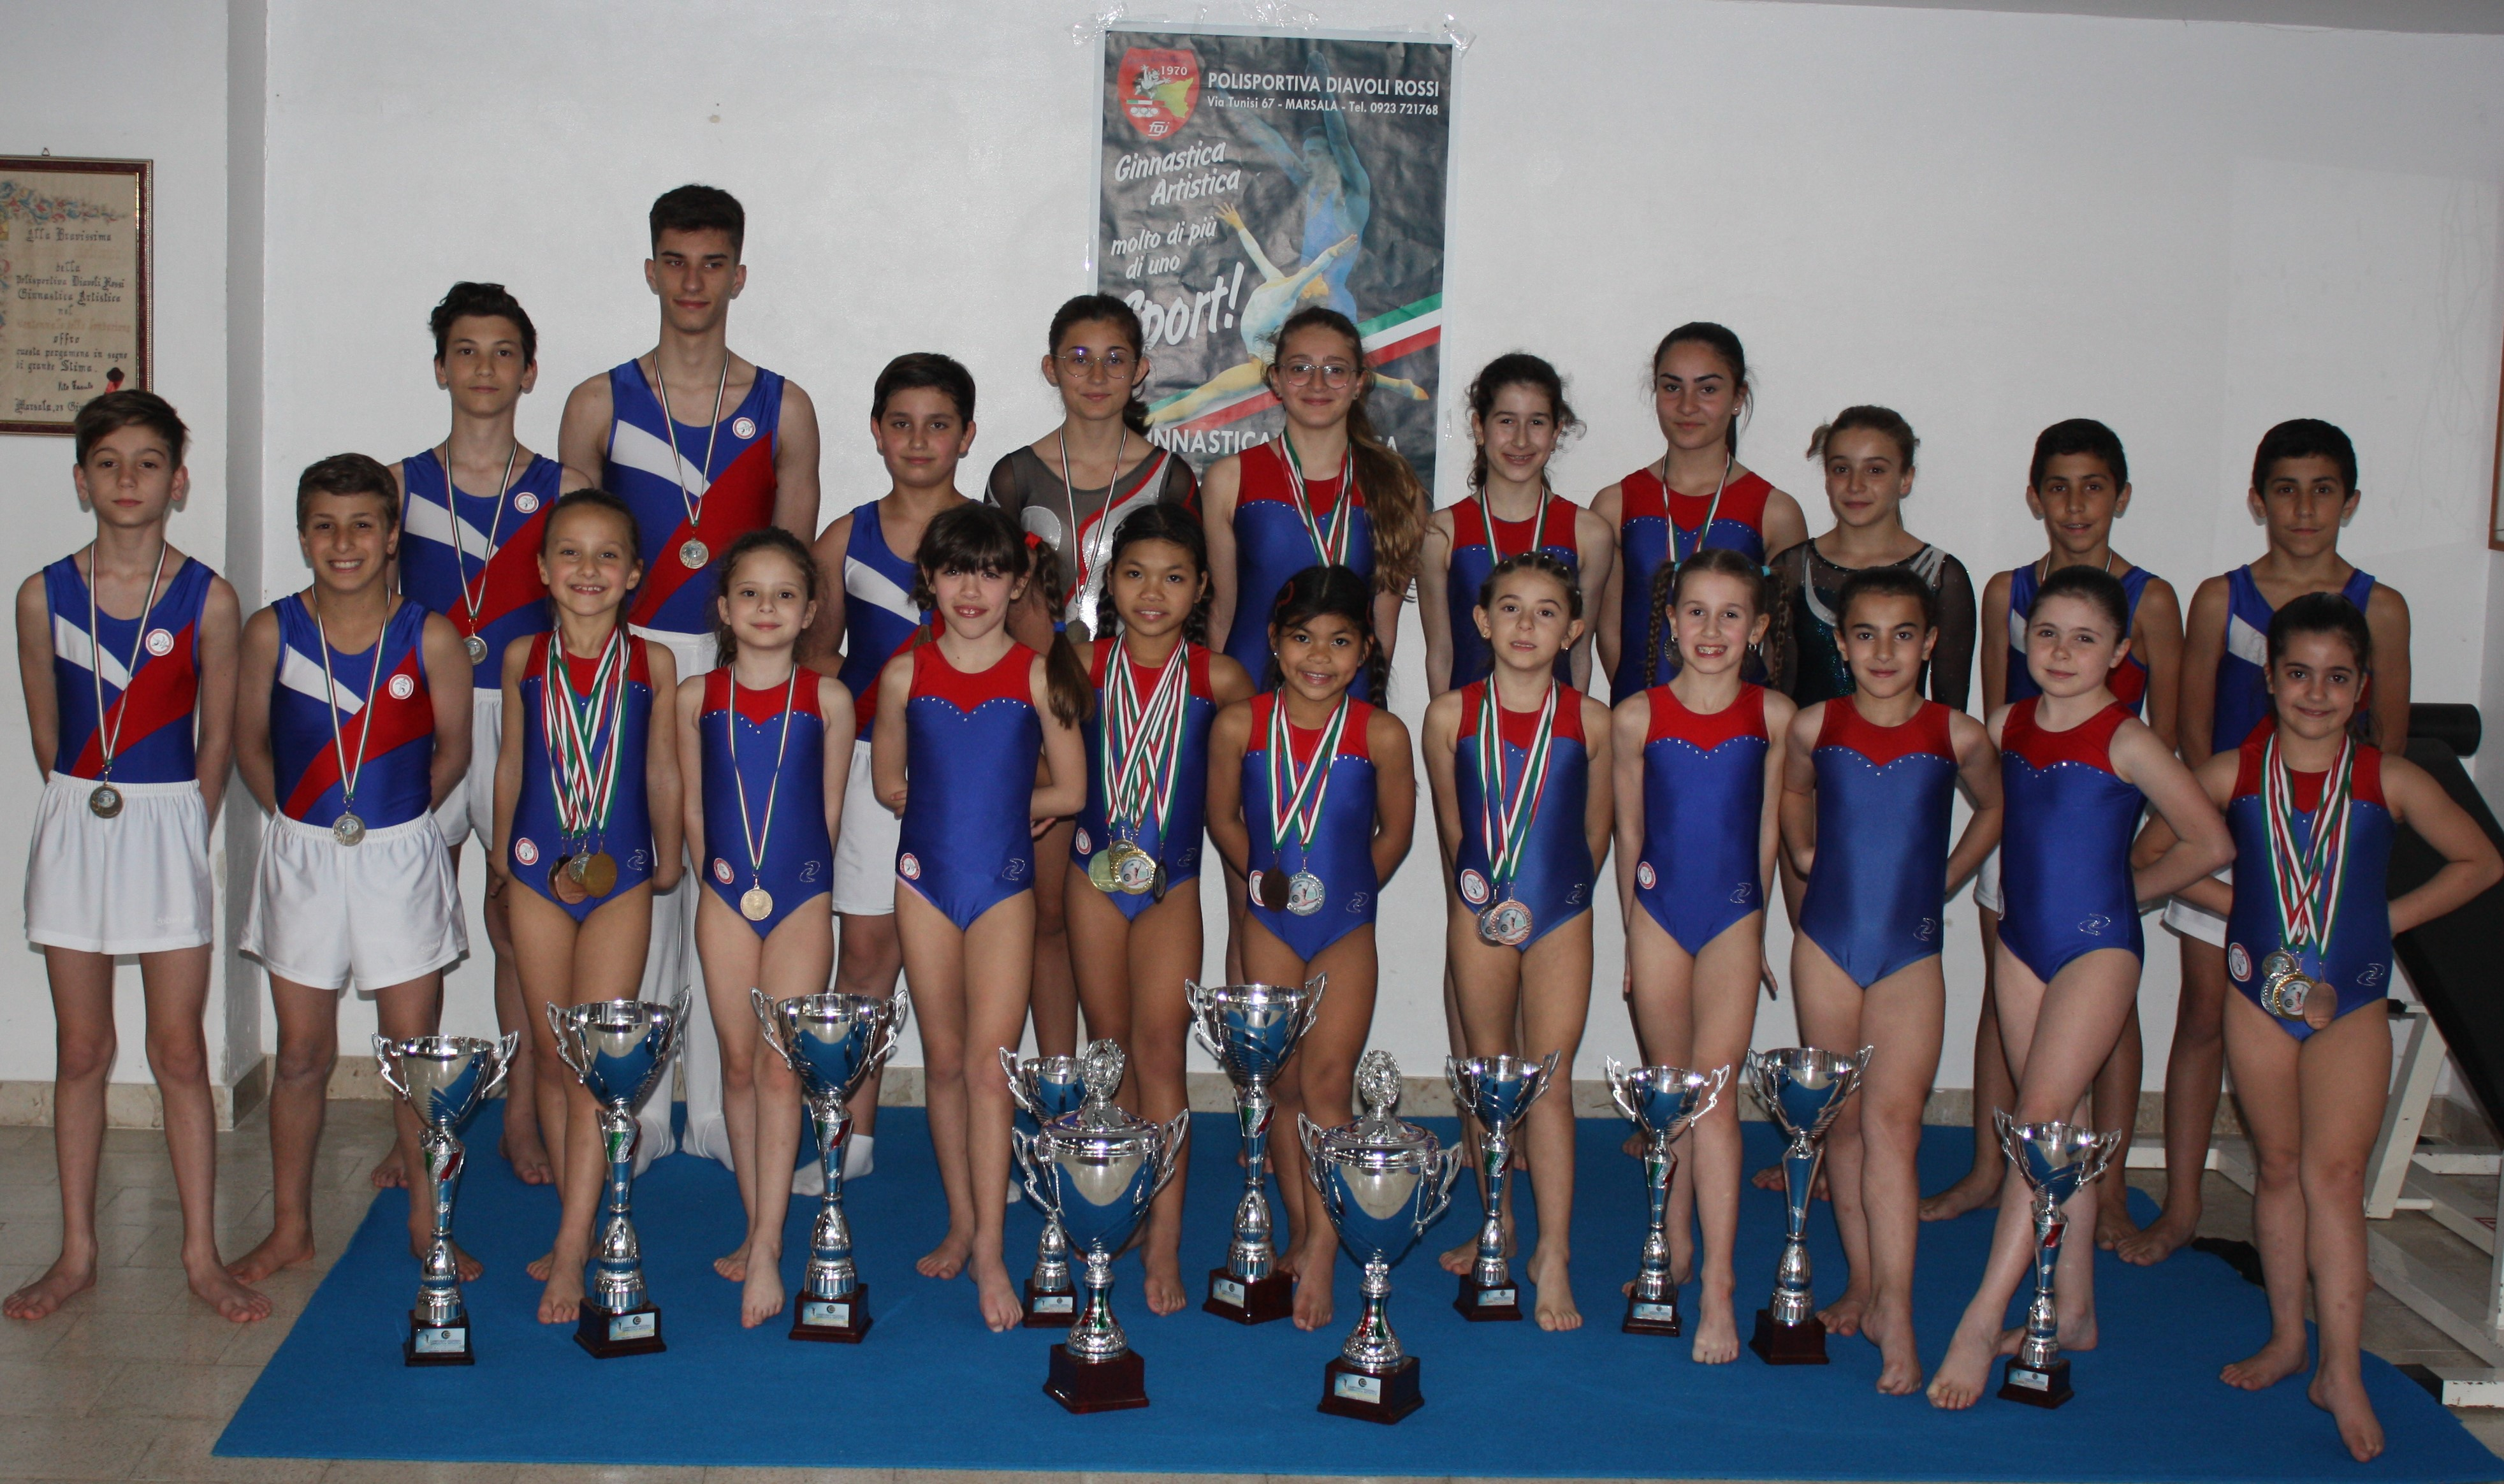 Bottino di medaglie e titoli nazionali per i Diavoli Rossi di Marsala